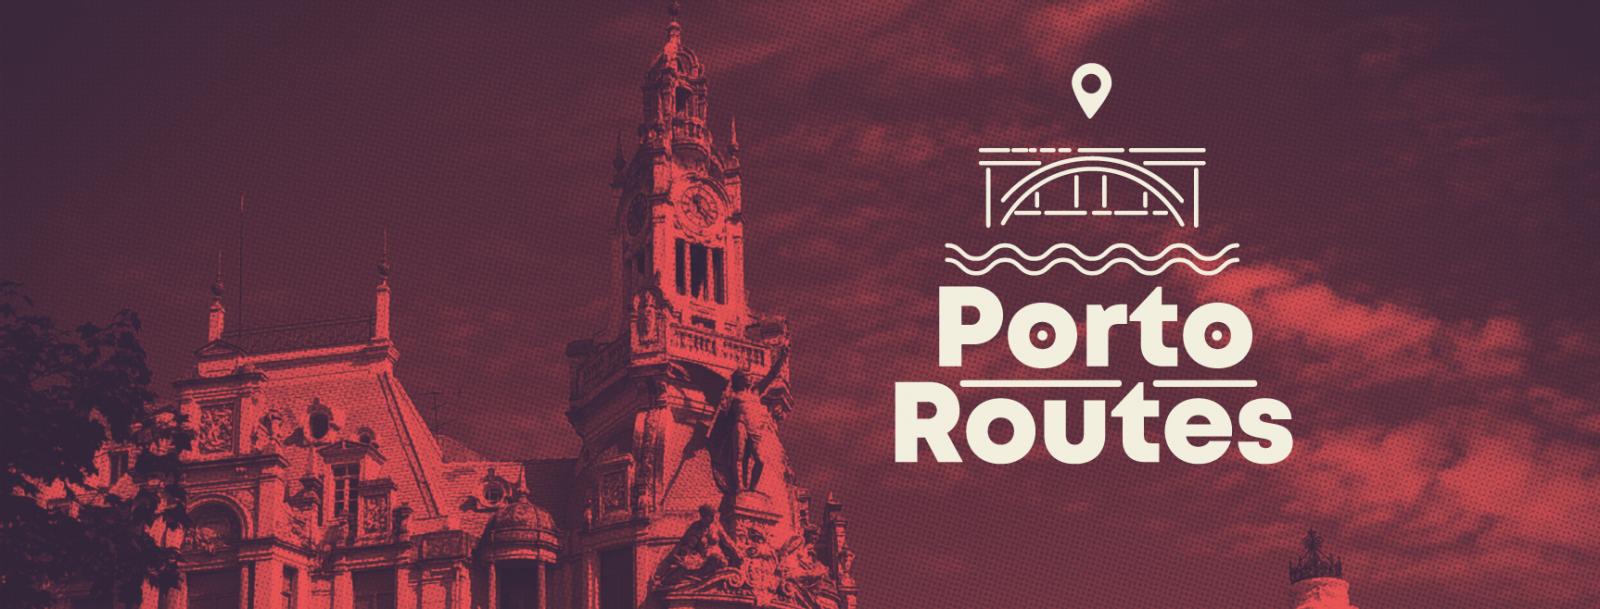 Porto Routes